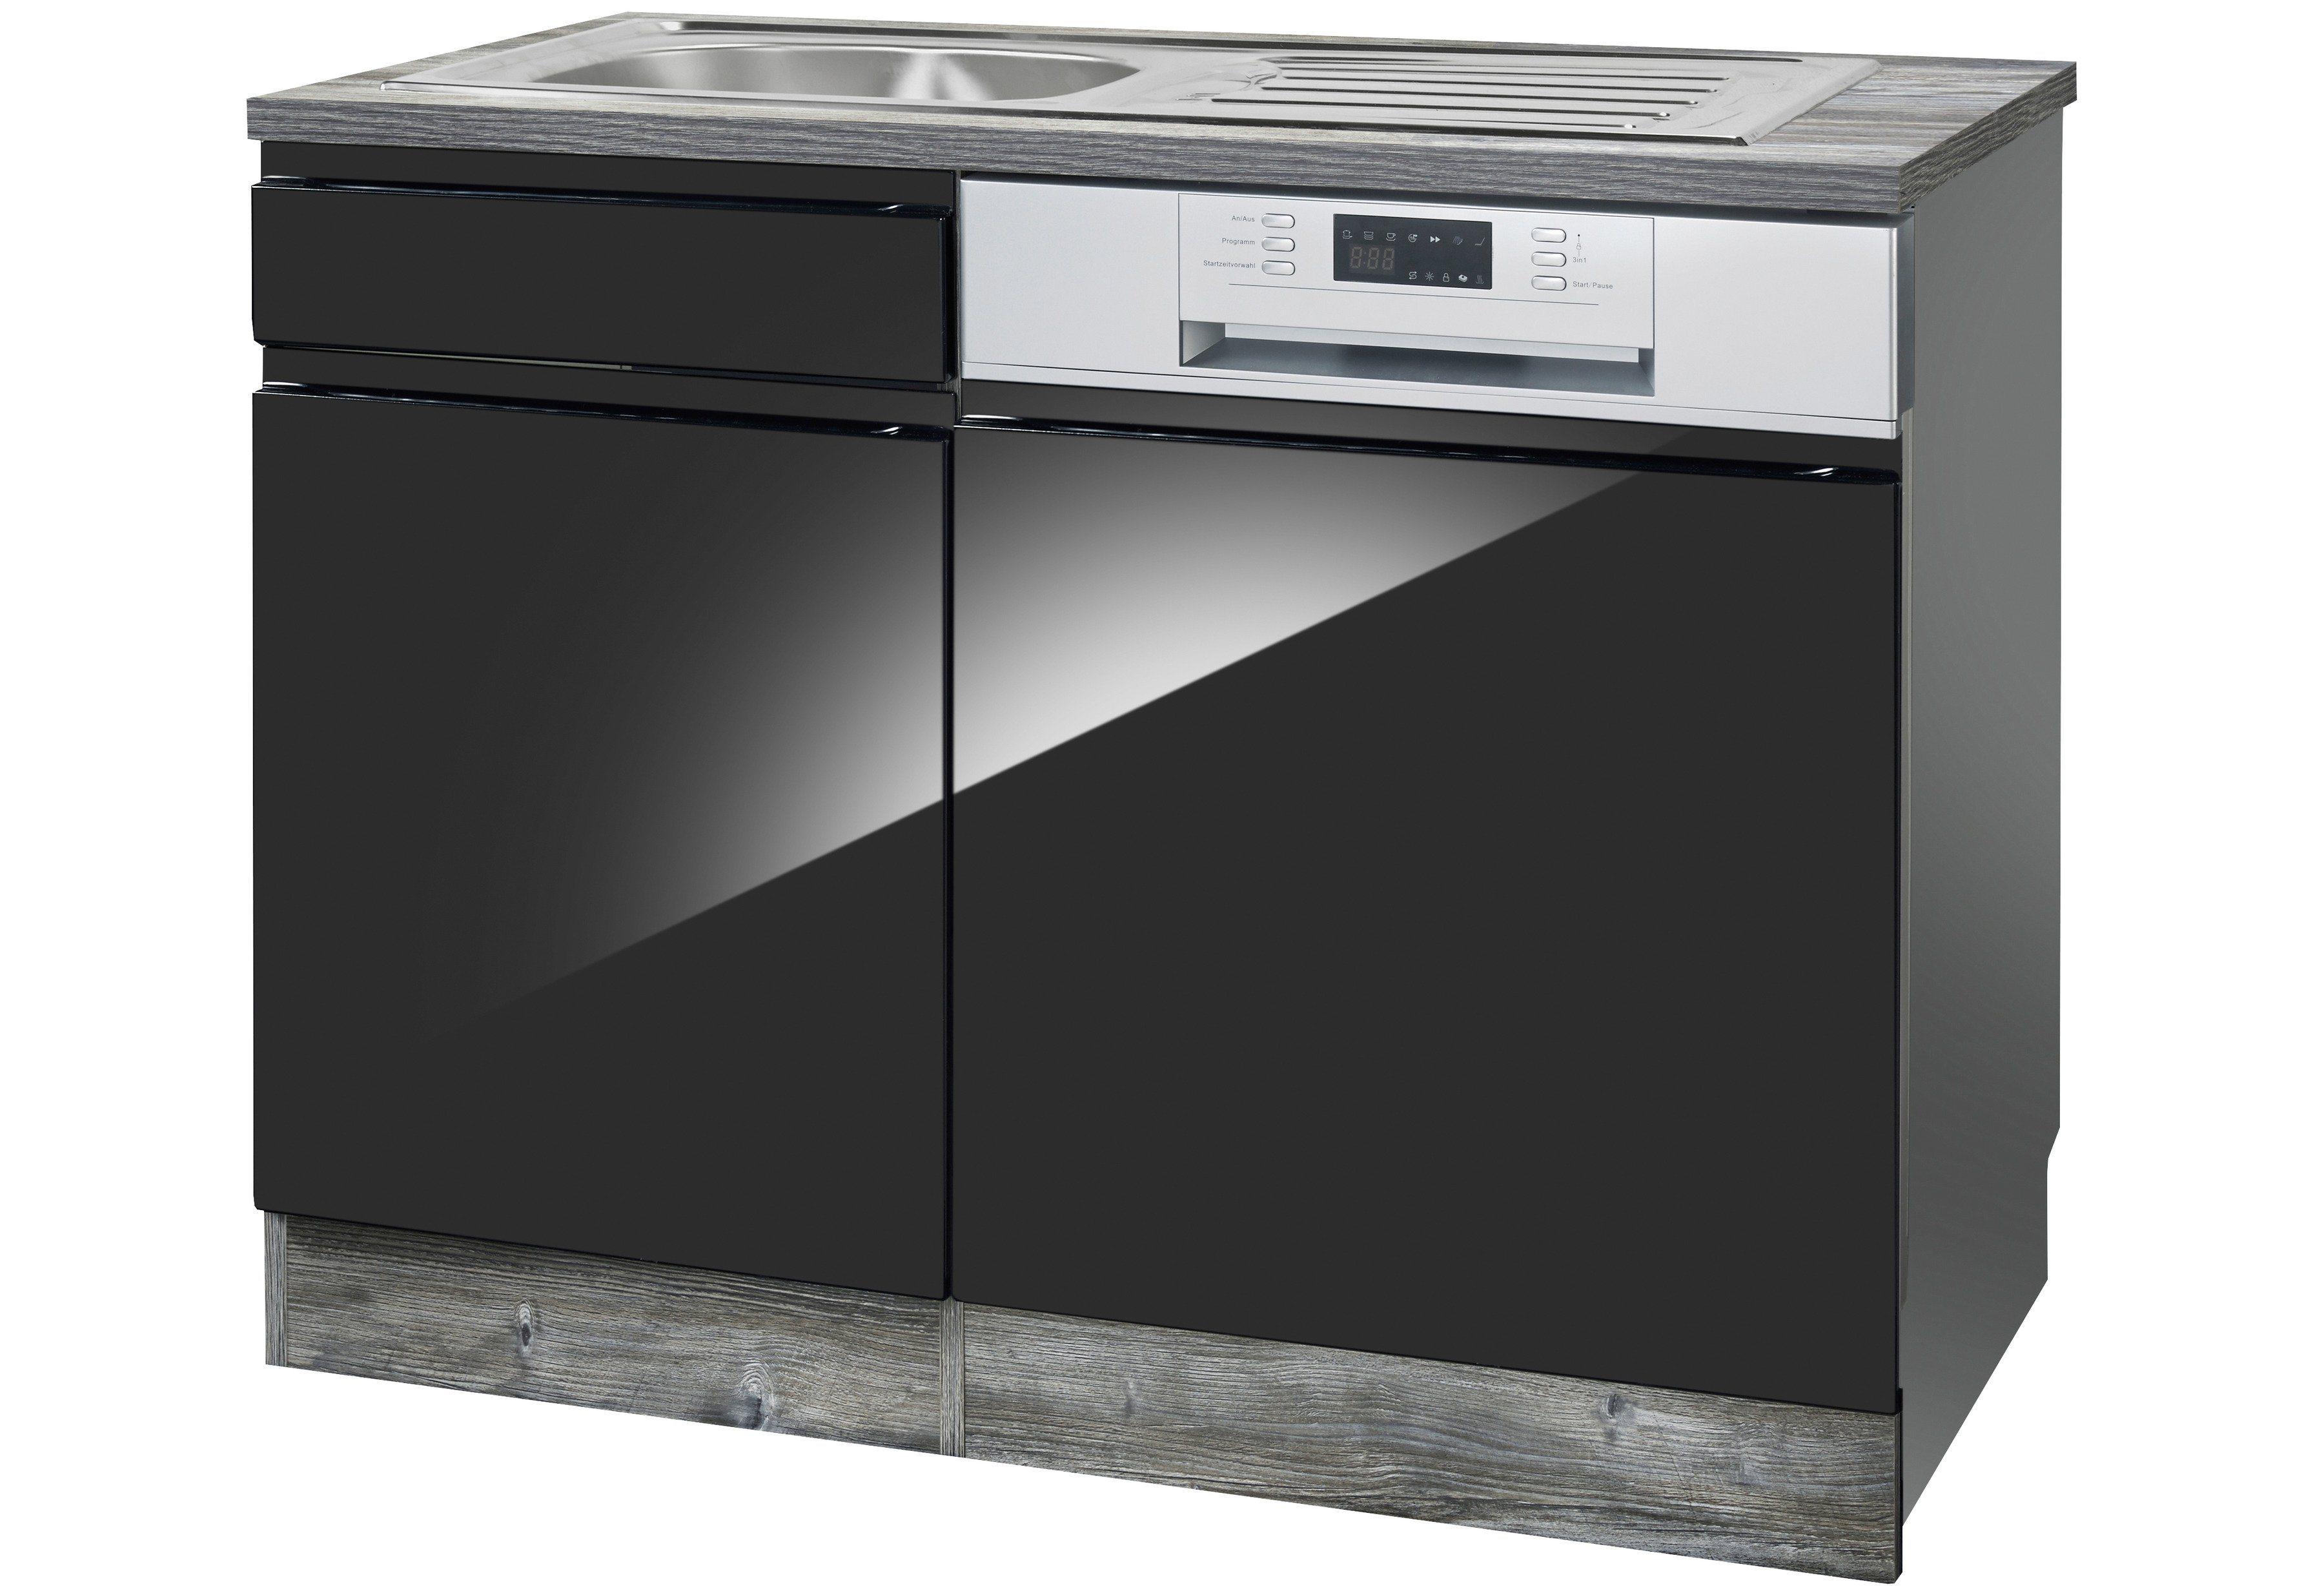 HELD MÖBEL Spülenschrank »Virginia, Breite 110 cm« | Küche und Esszimmer > Küchenschränke > Spülenschränke | Holzwerkstoff | HELD MÖBEL